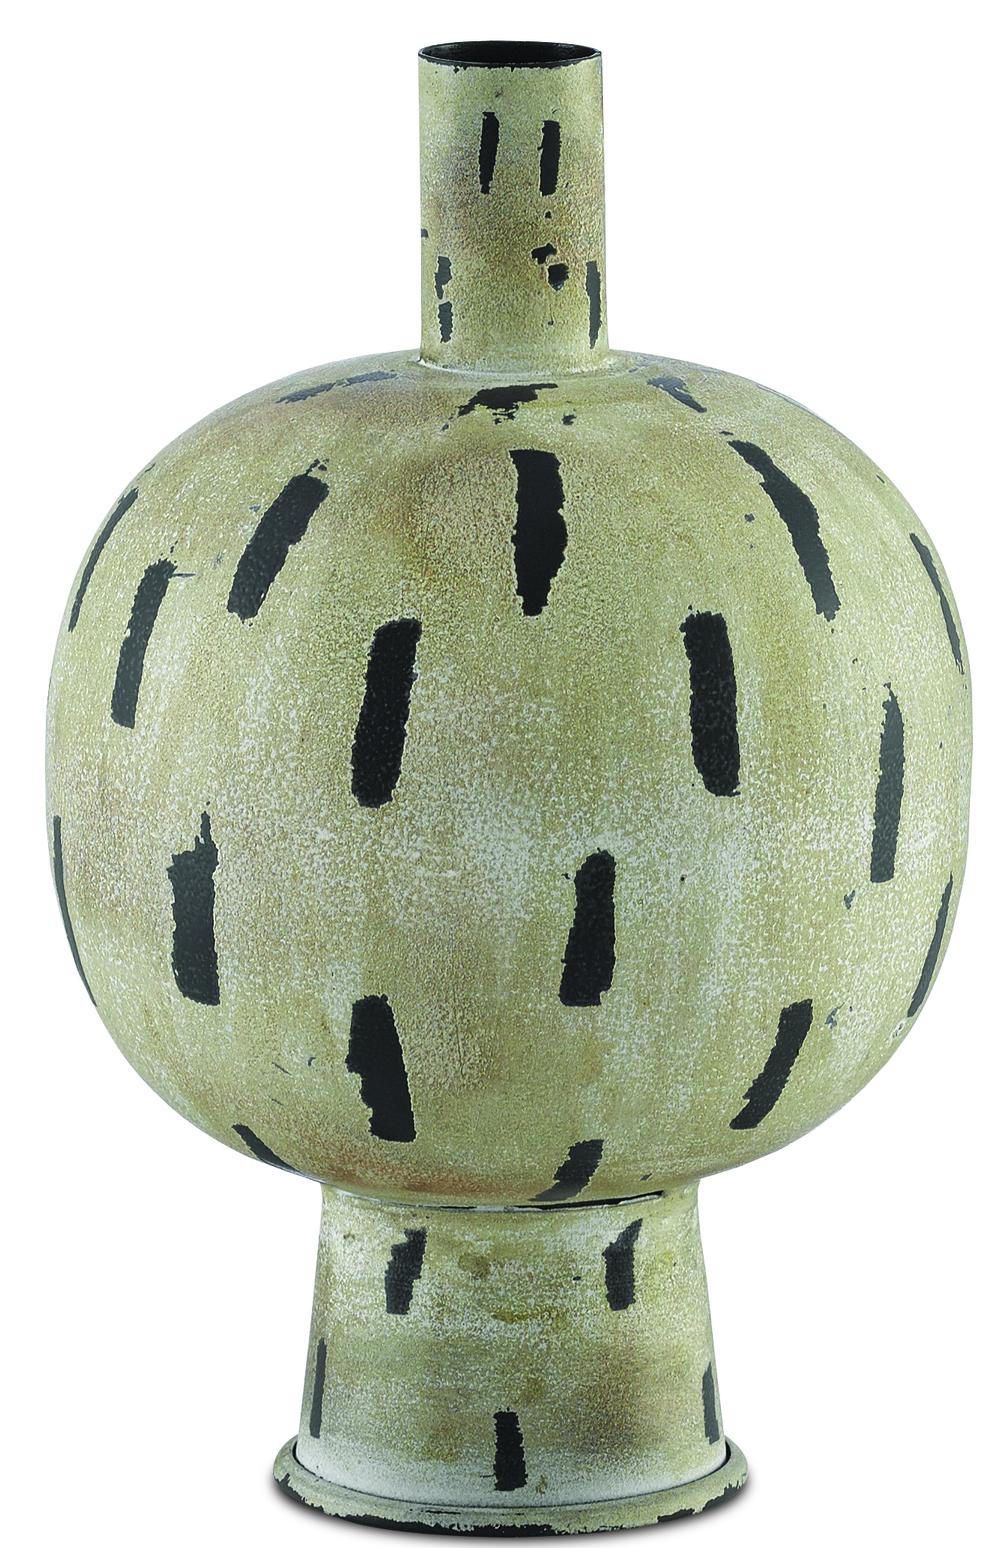 Currey & Company - Declan Small Vase